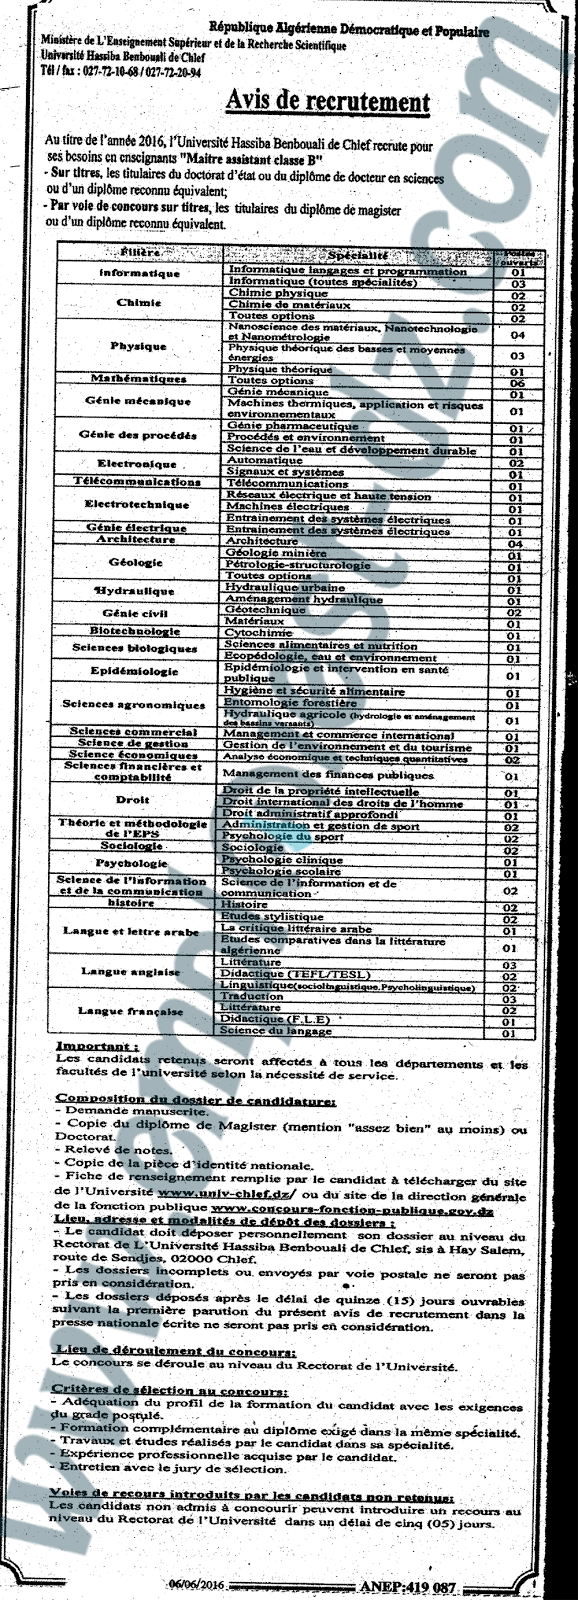 ملخص اعلانات التوظيف جوان 2016 Uhbc06%2B06%2B2016-2